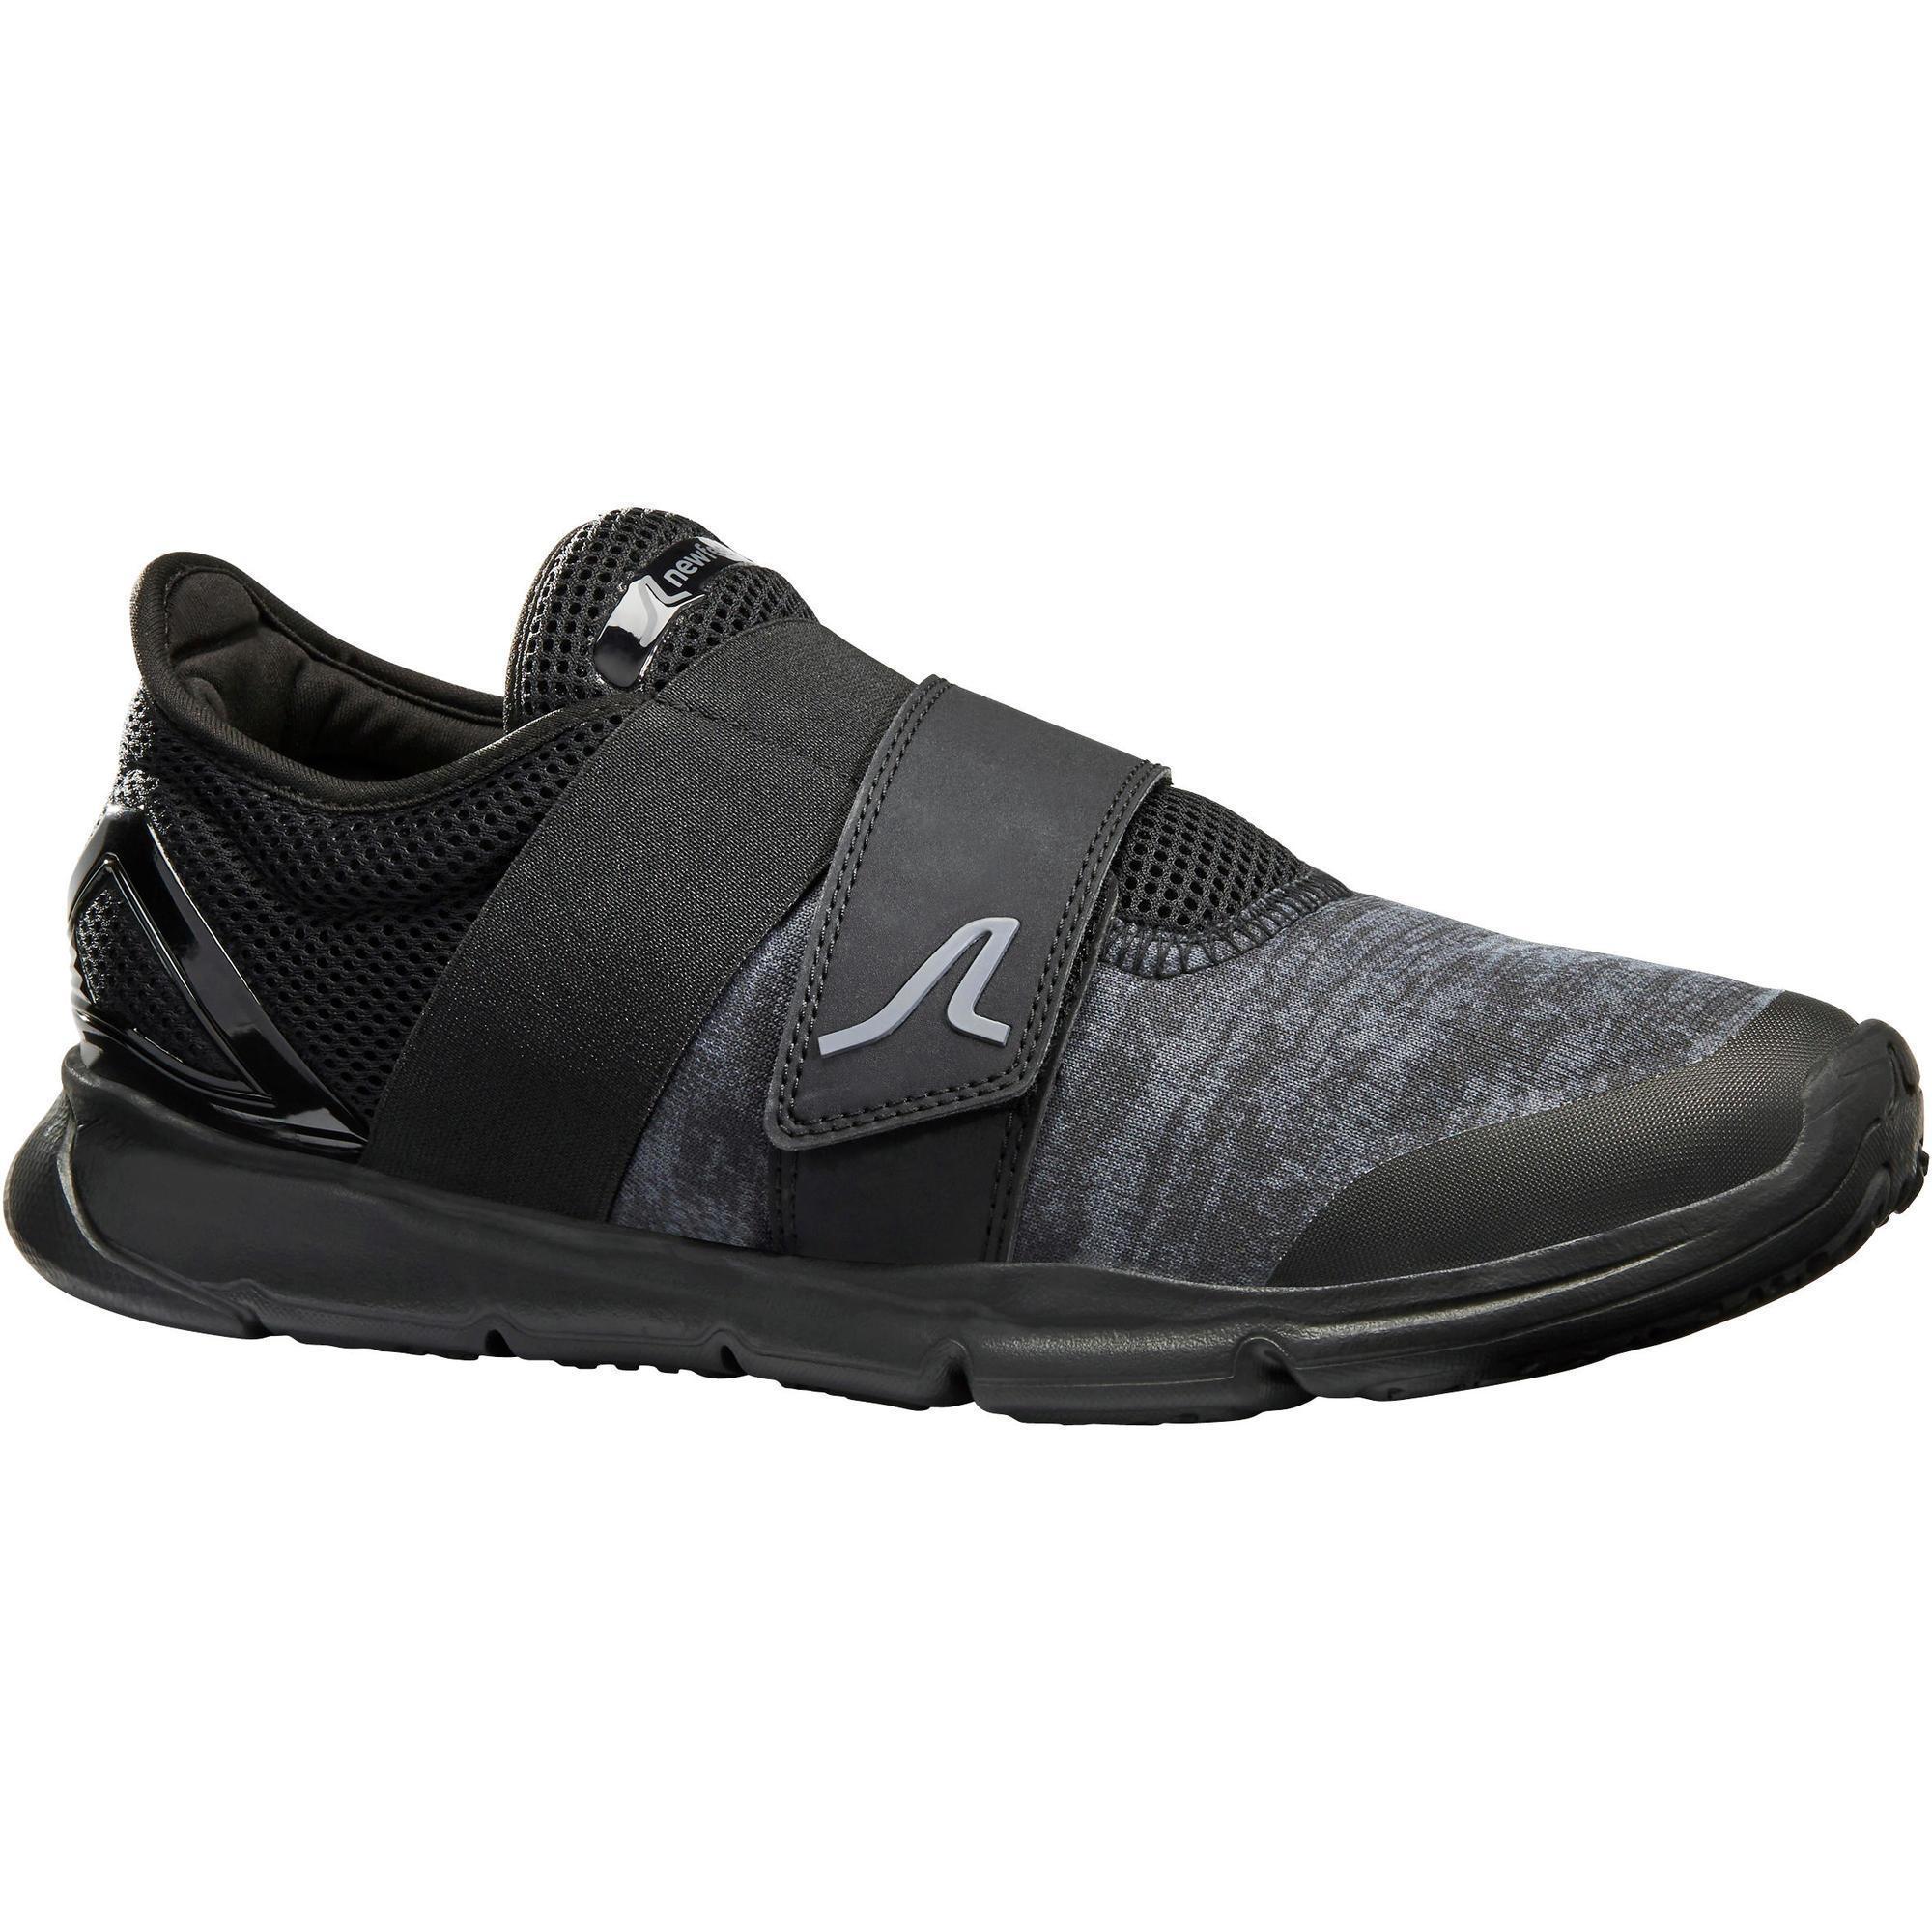 Newfeel Herensneakers voor sportief wandelen Soft 180 strap